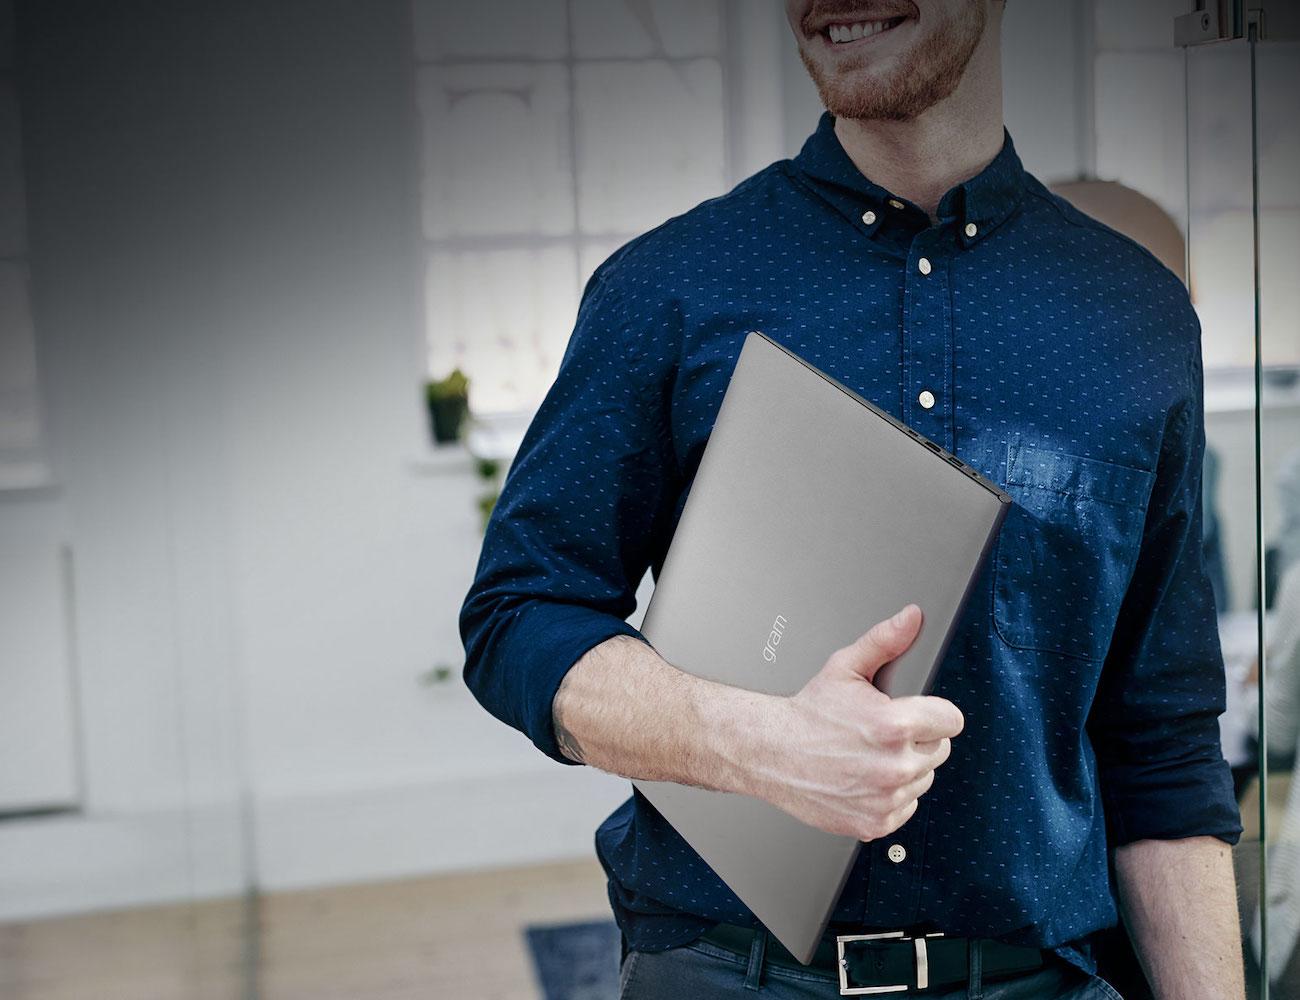 LG Gram 17-inch Ultra Lightweight Laptop